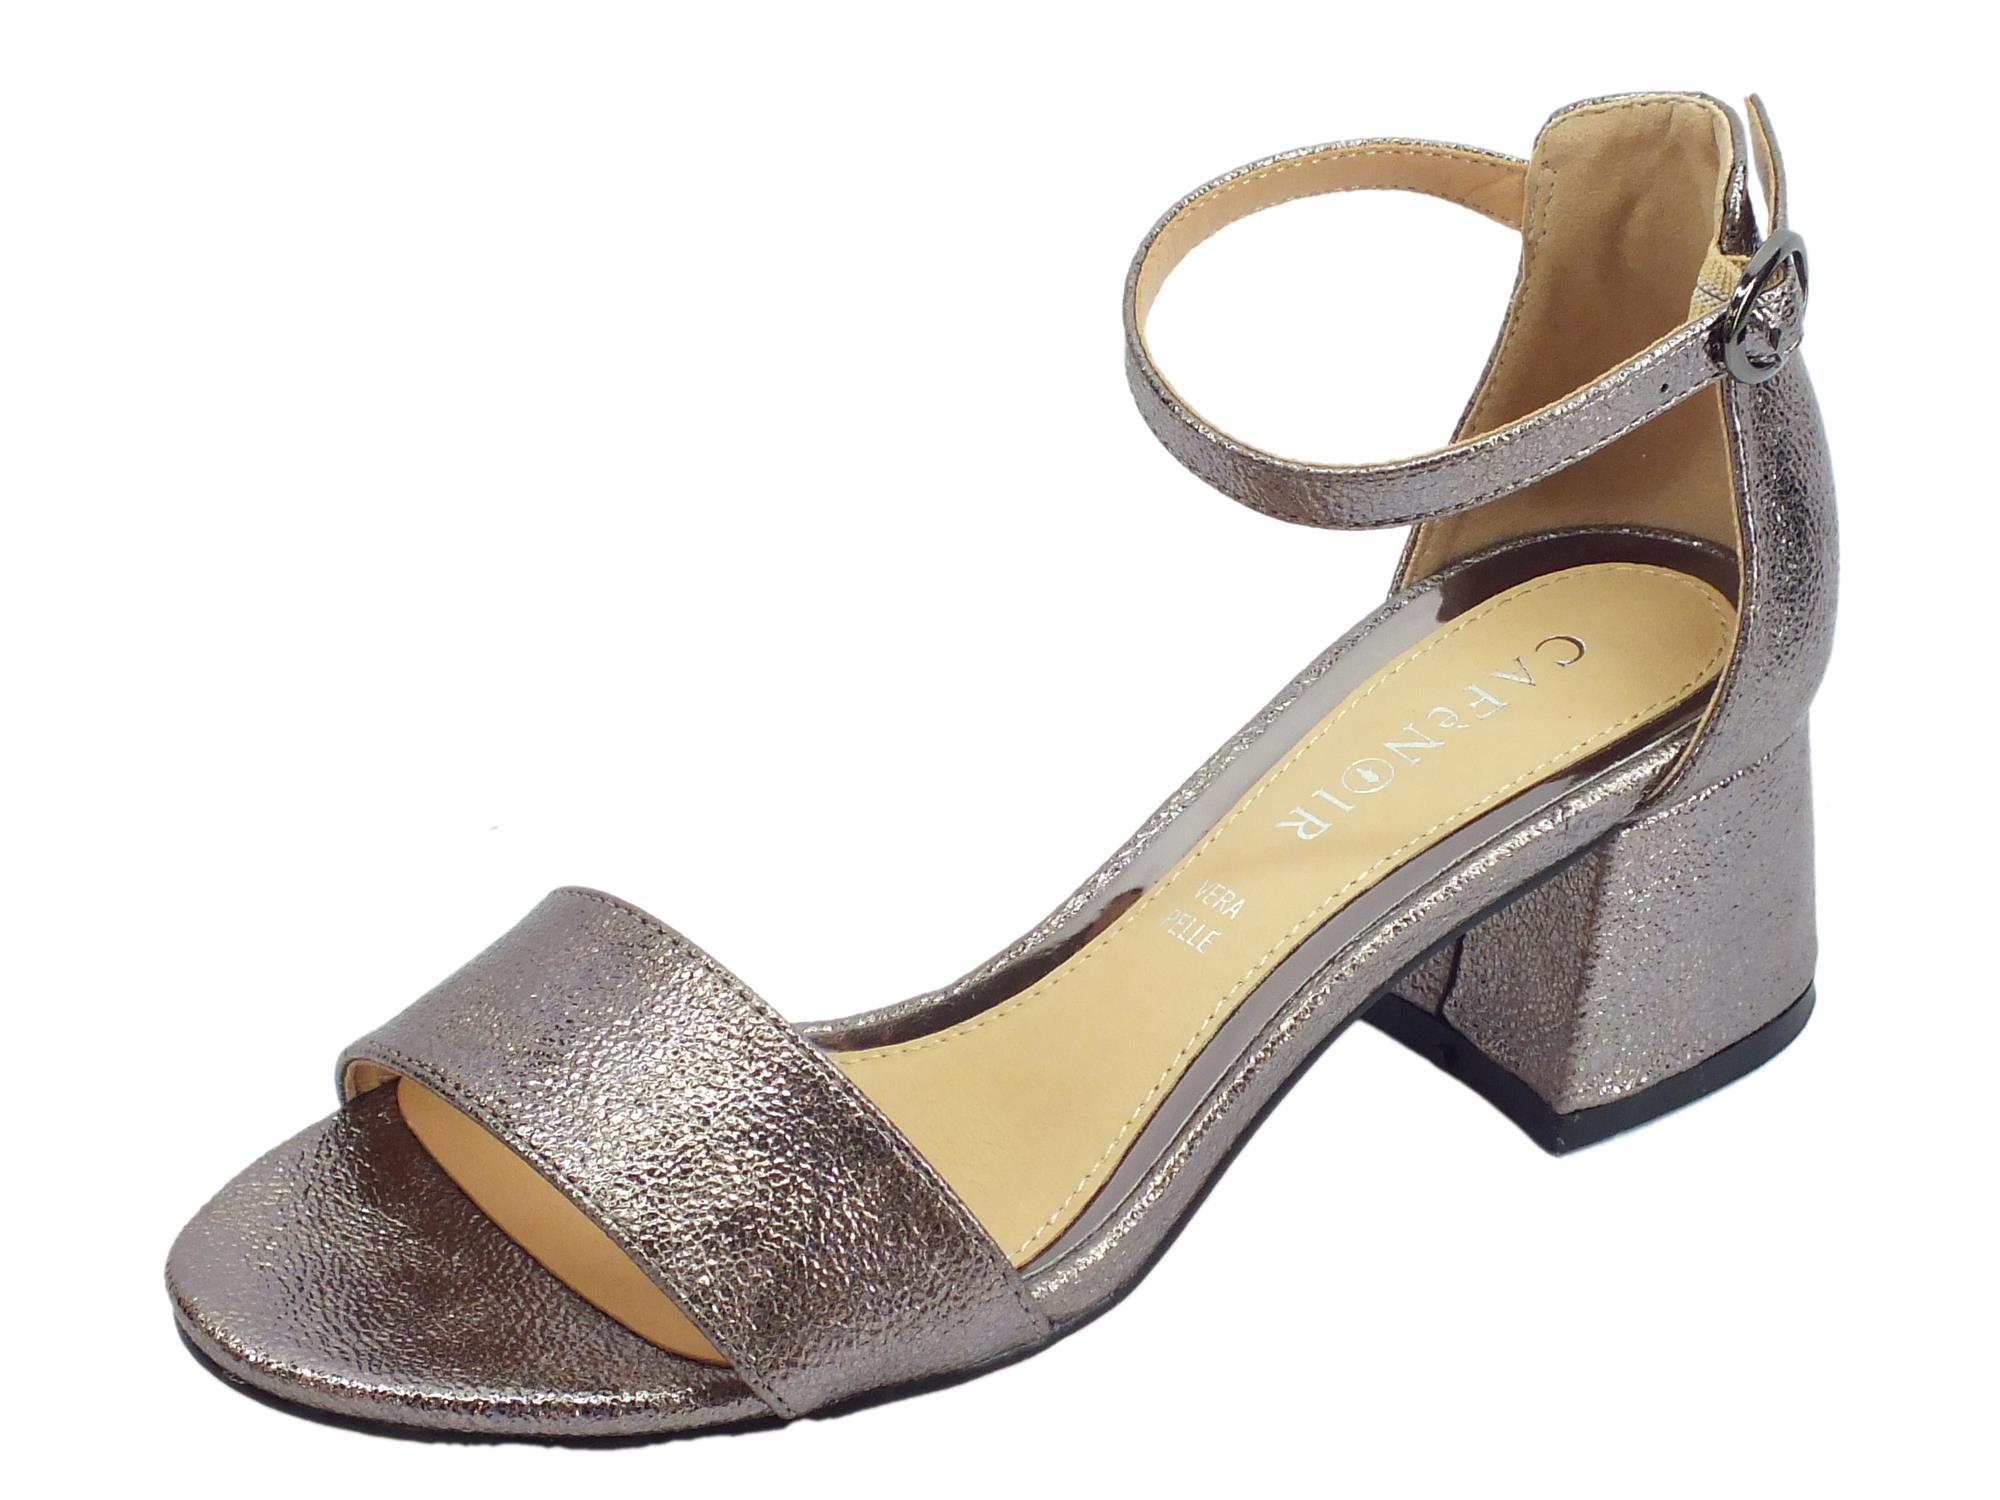 4971ddc1e17f6 CafèNOIR sandali donna in pelle martellata colore peltro tacco medio